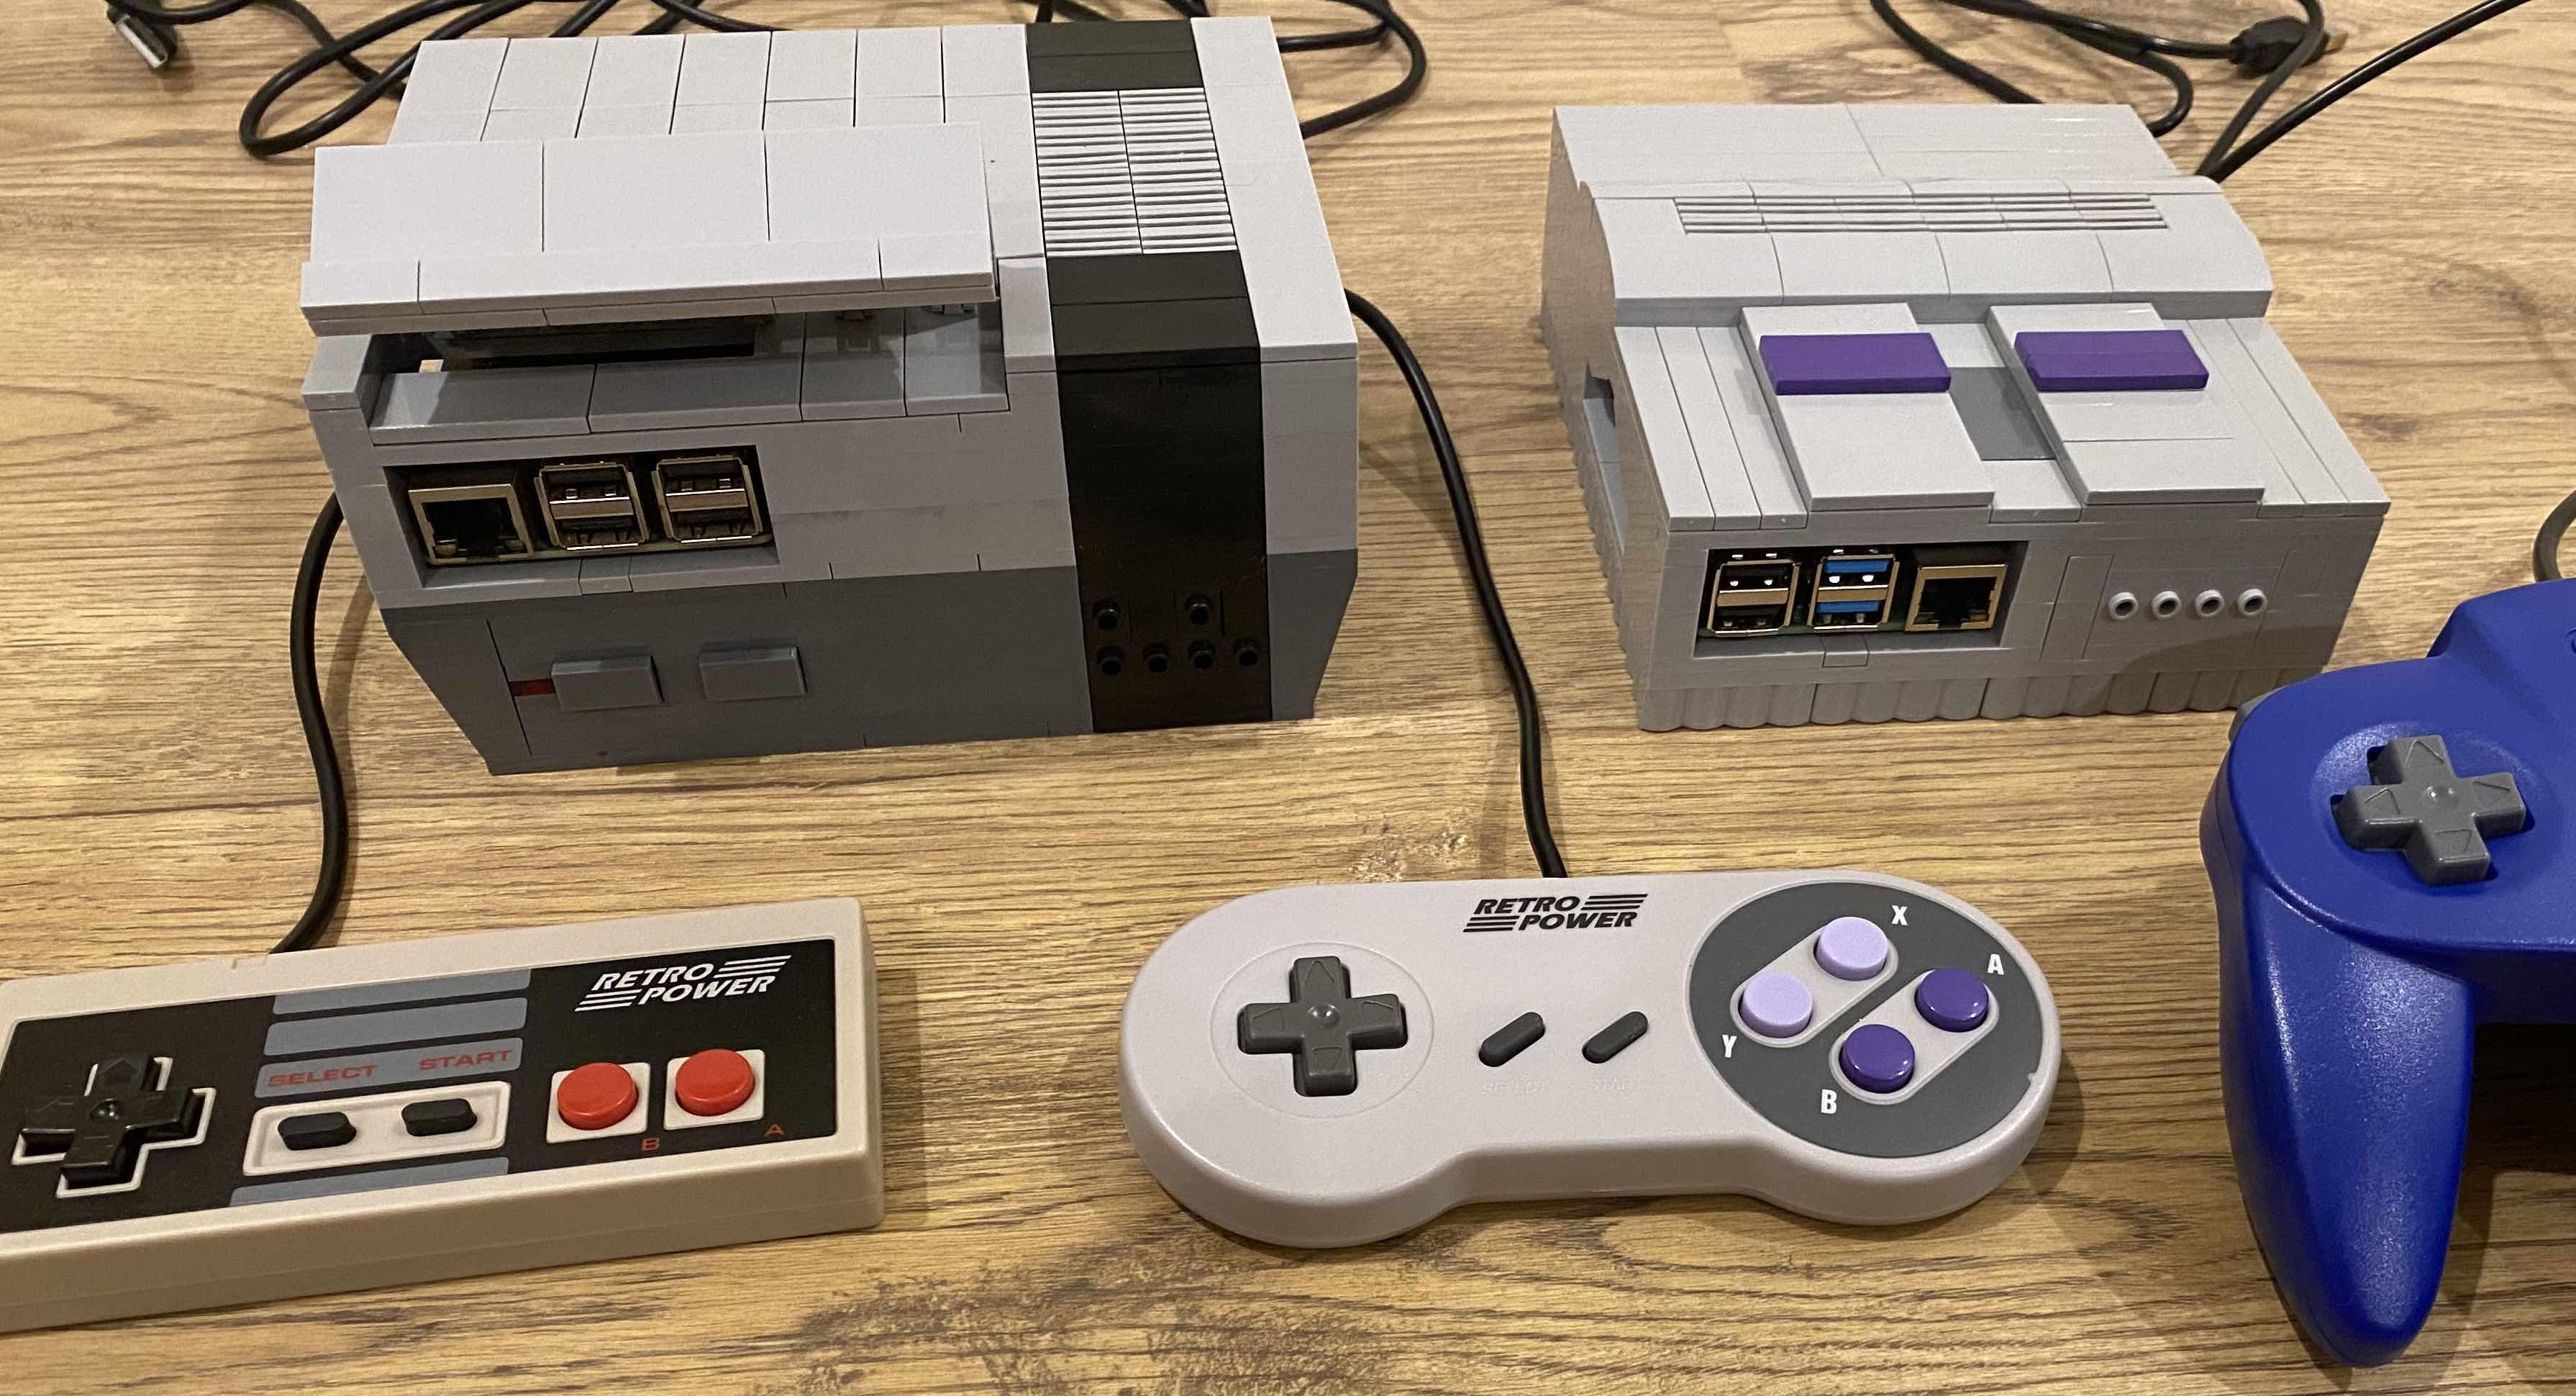 LEGO NES and SNES